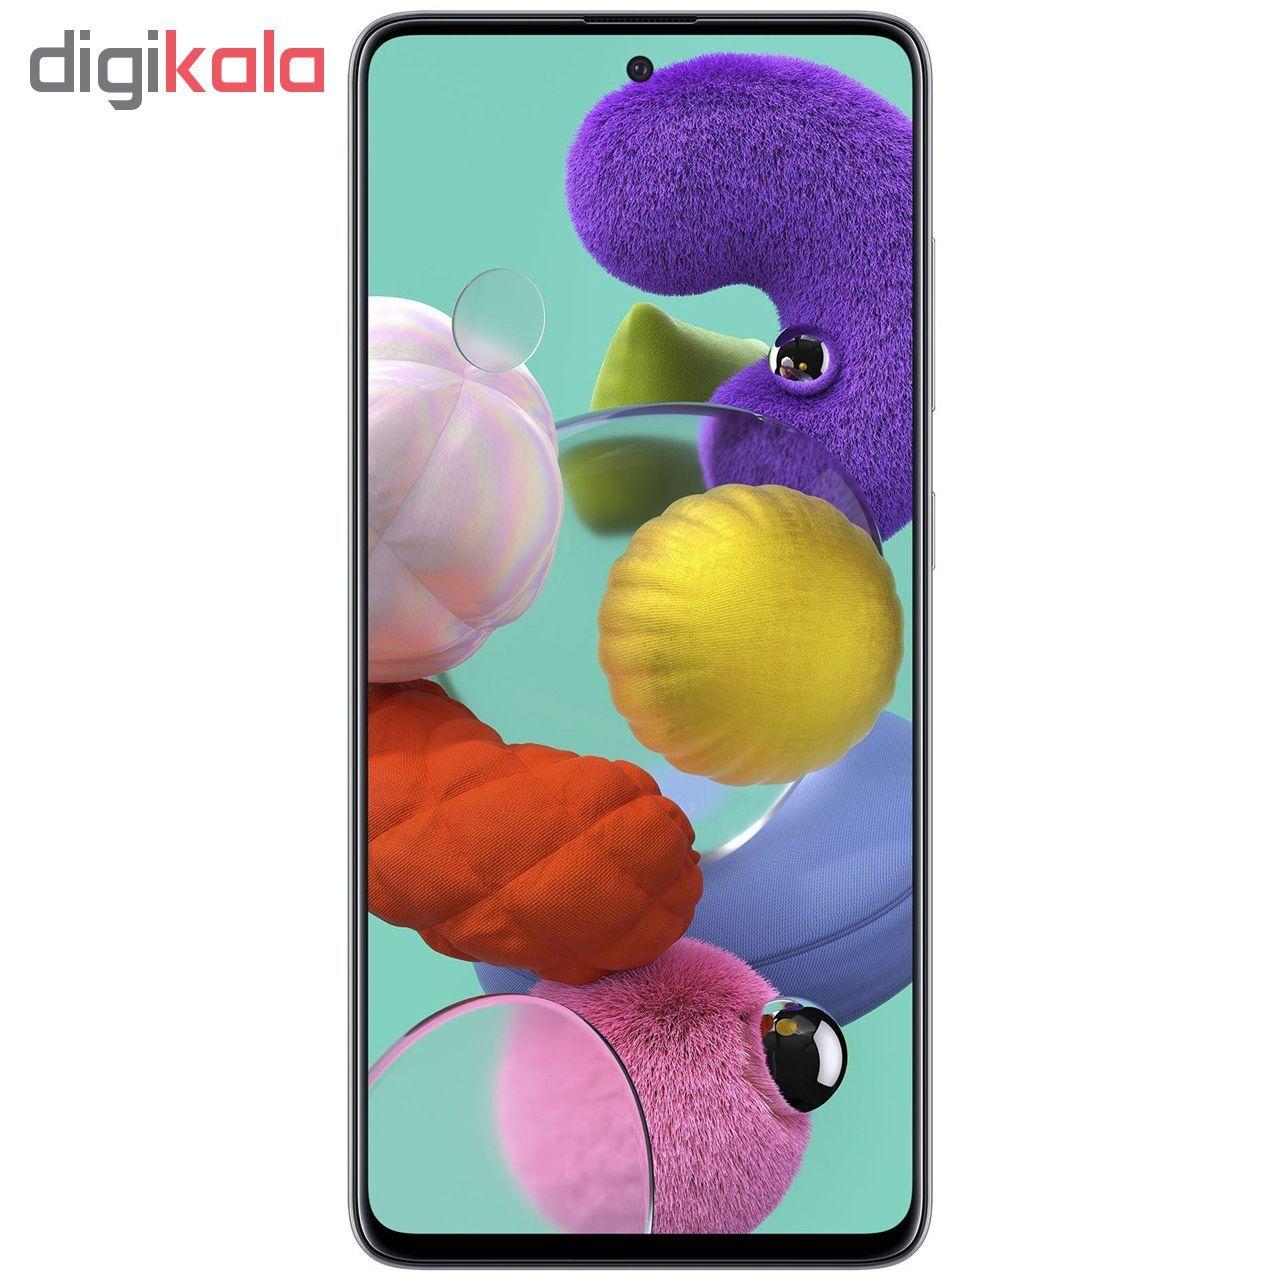 گوشی موبایل سامسونگ مدل Galaxy A51 SM-A515F/DSN دو سیم کارت ظرفیت 128گیگابایت main 1 1